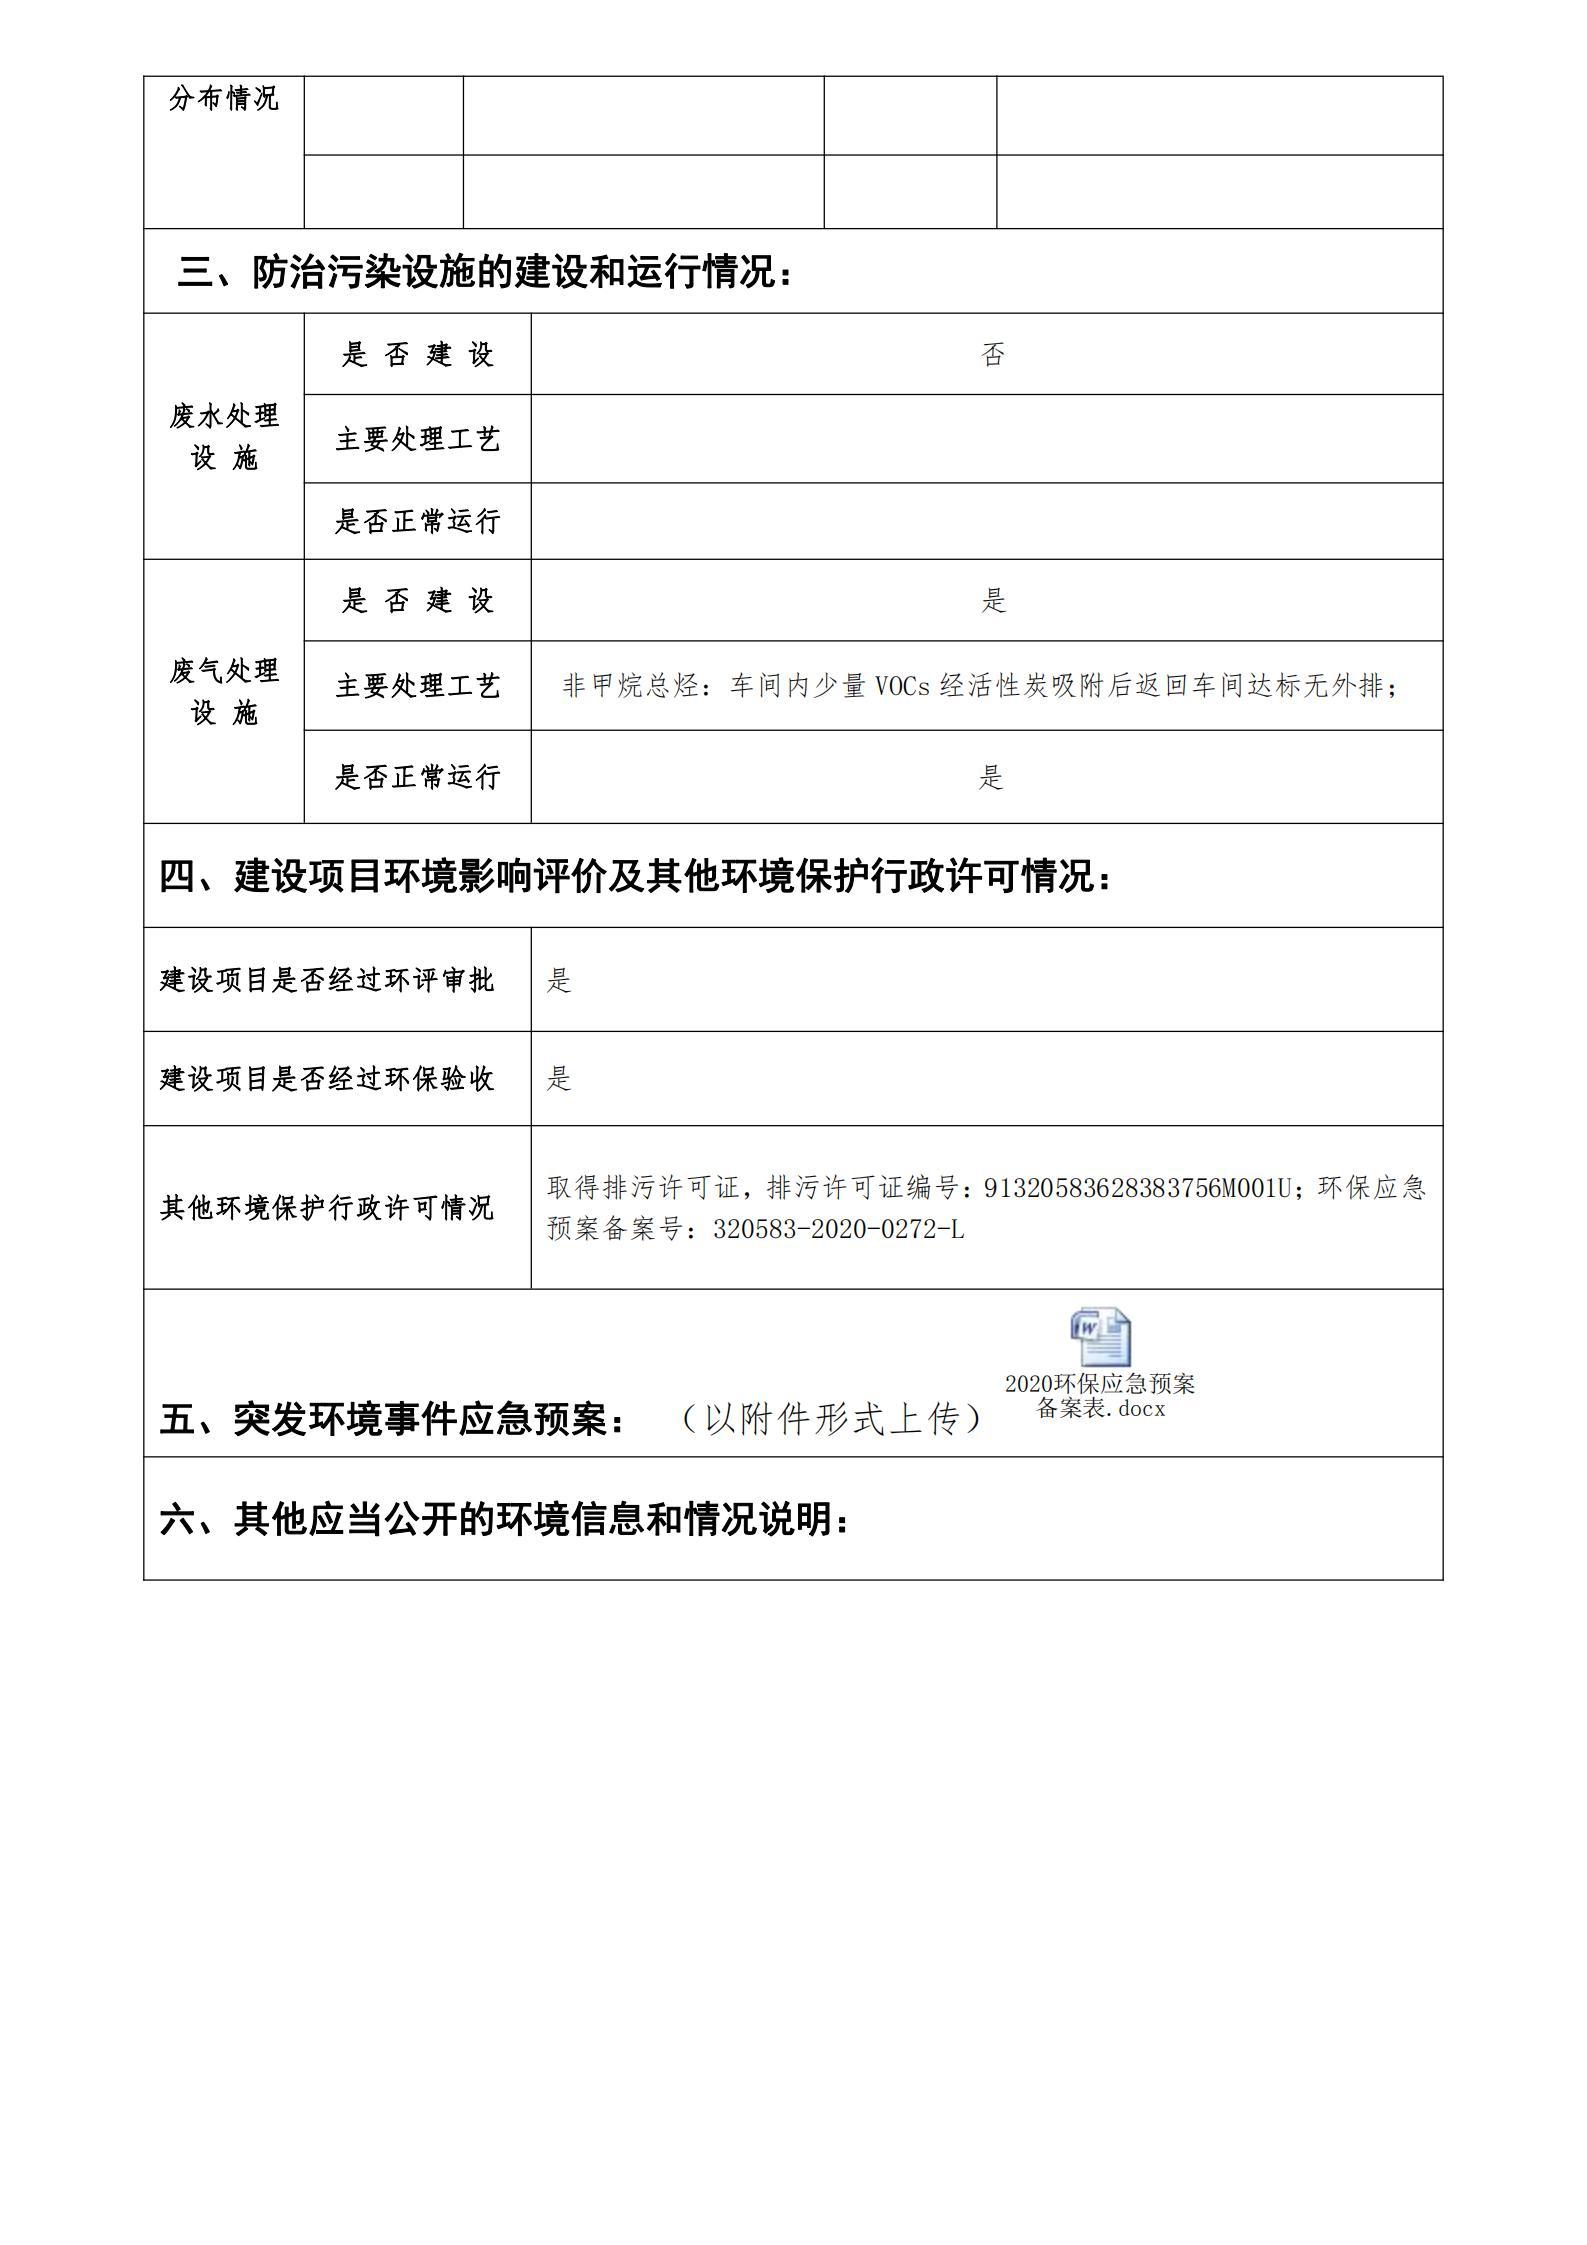 長興電子材料(昆山)有限公司《蘇州市重點排污單位環境信息公開表》公示